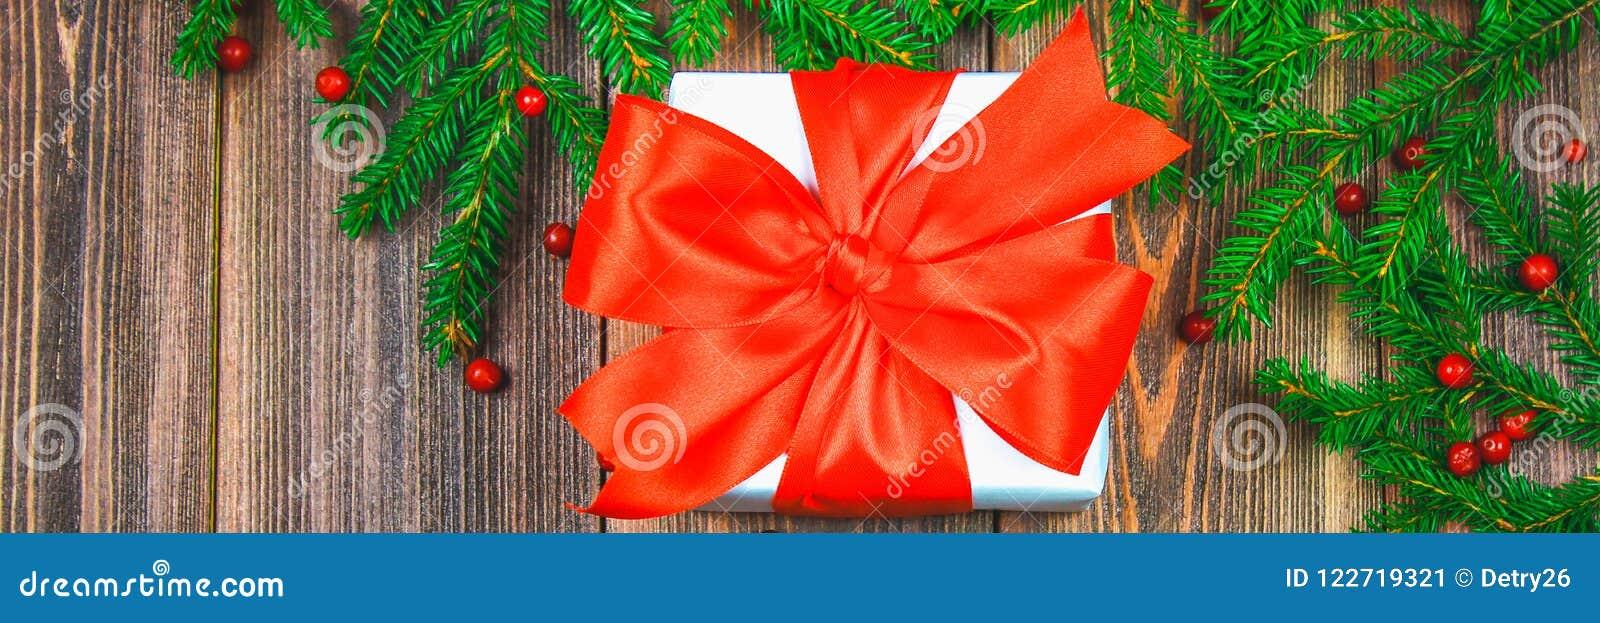 знамена Елевые ветви с красными ягодами на деревянном столе В центре коробки с настоящими моментами перевязанные смычки Рождество